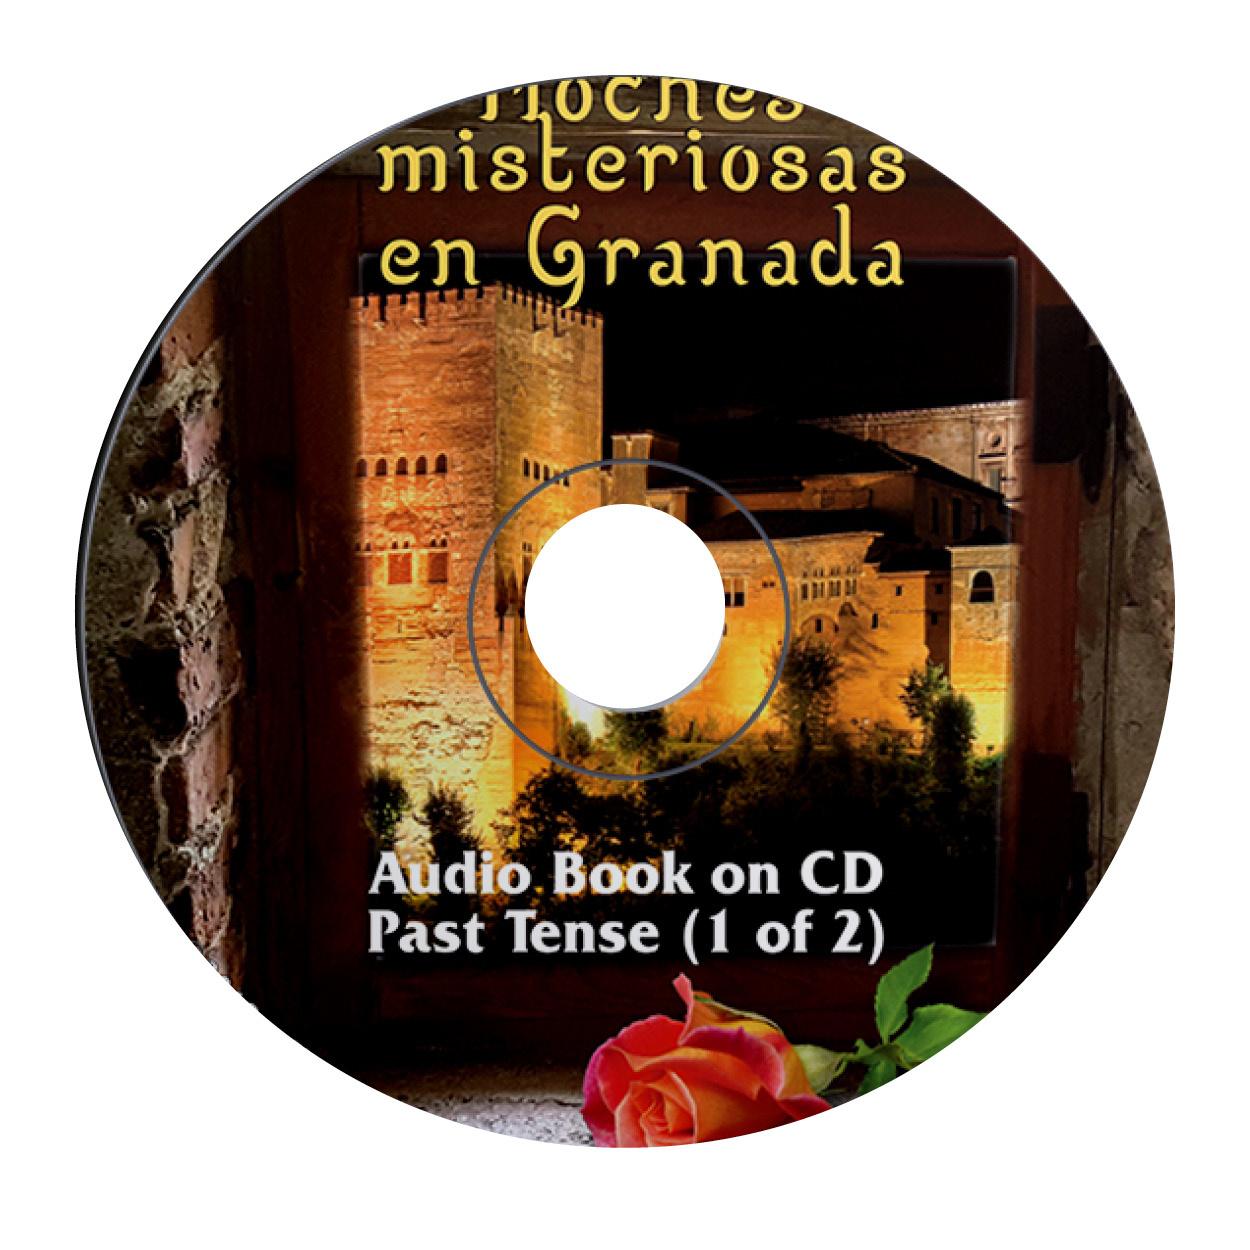 Noches misteriosas en Granada - Audio Book